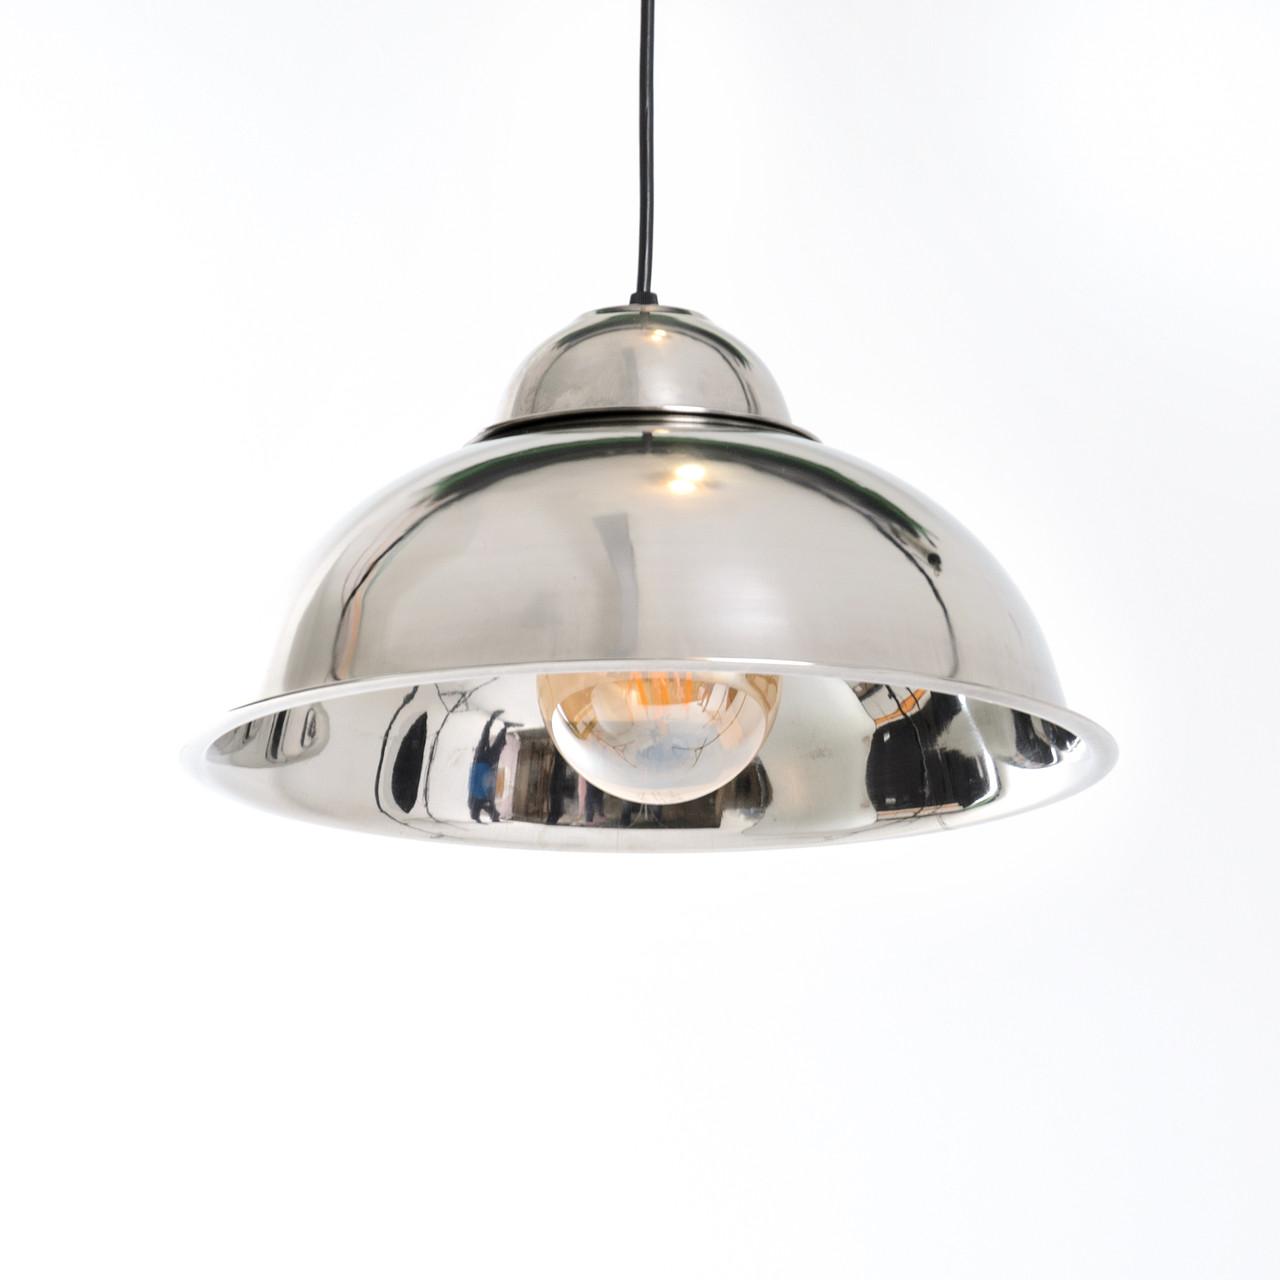 Люстра потолочная Atmolight Bell P360 Некрашеный (1374)